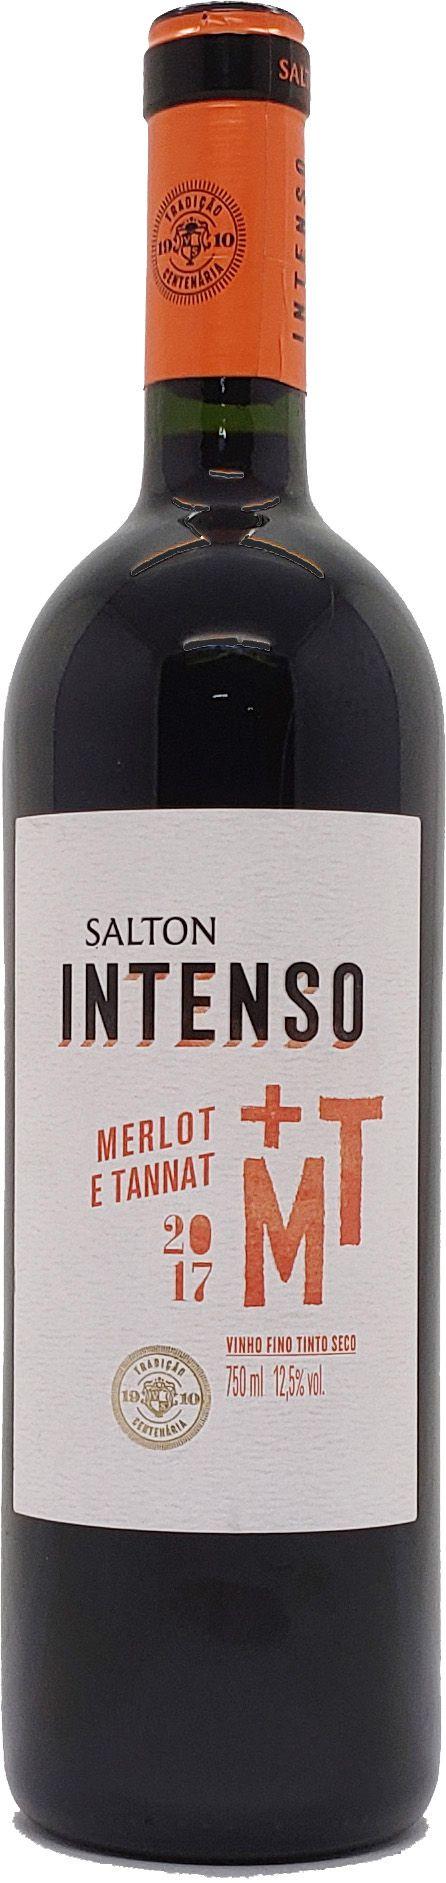 Vinho Tinto Salton Intenso Merlot e Tannat - 750ml -